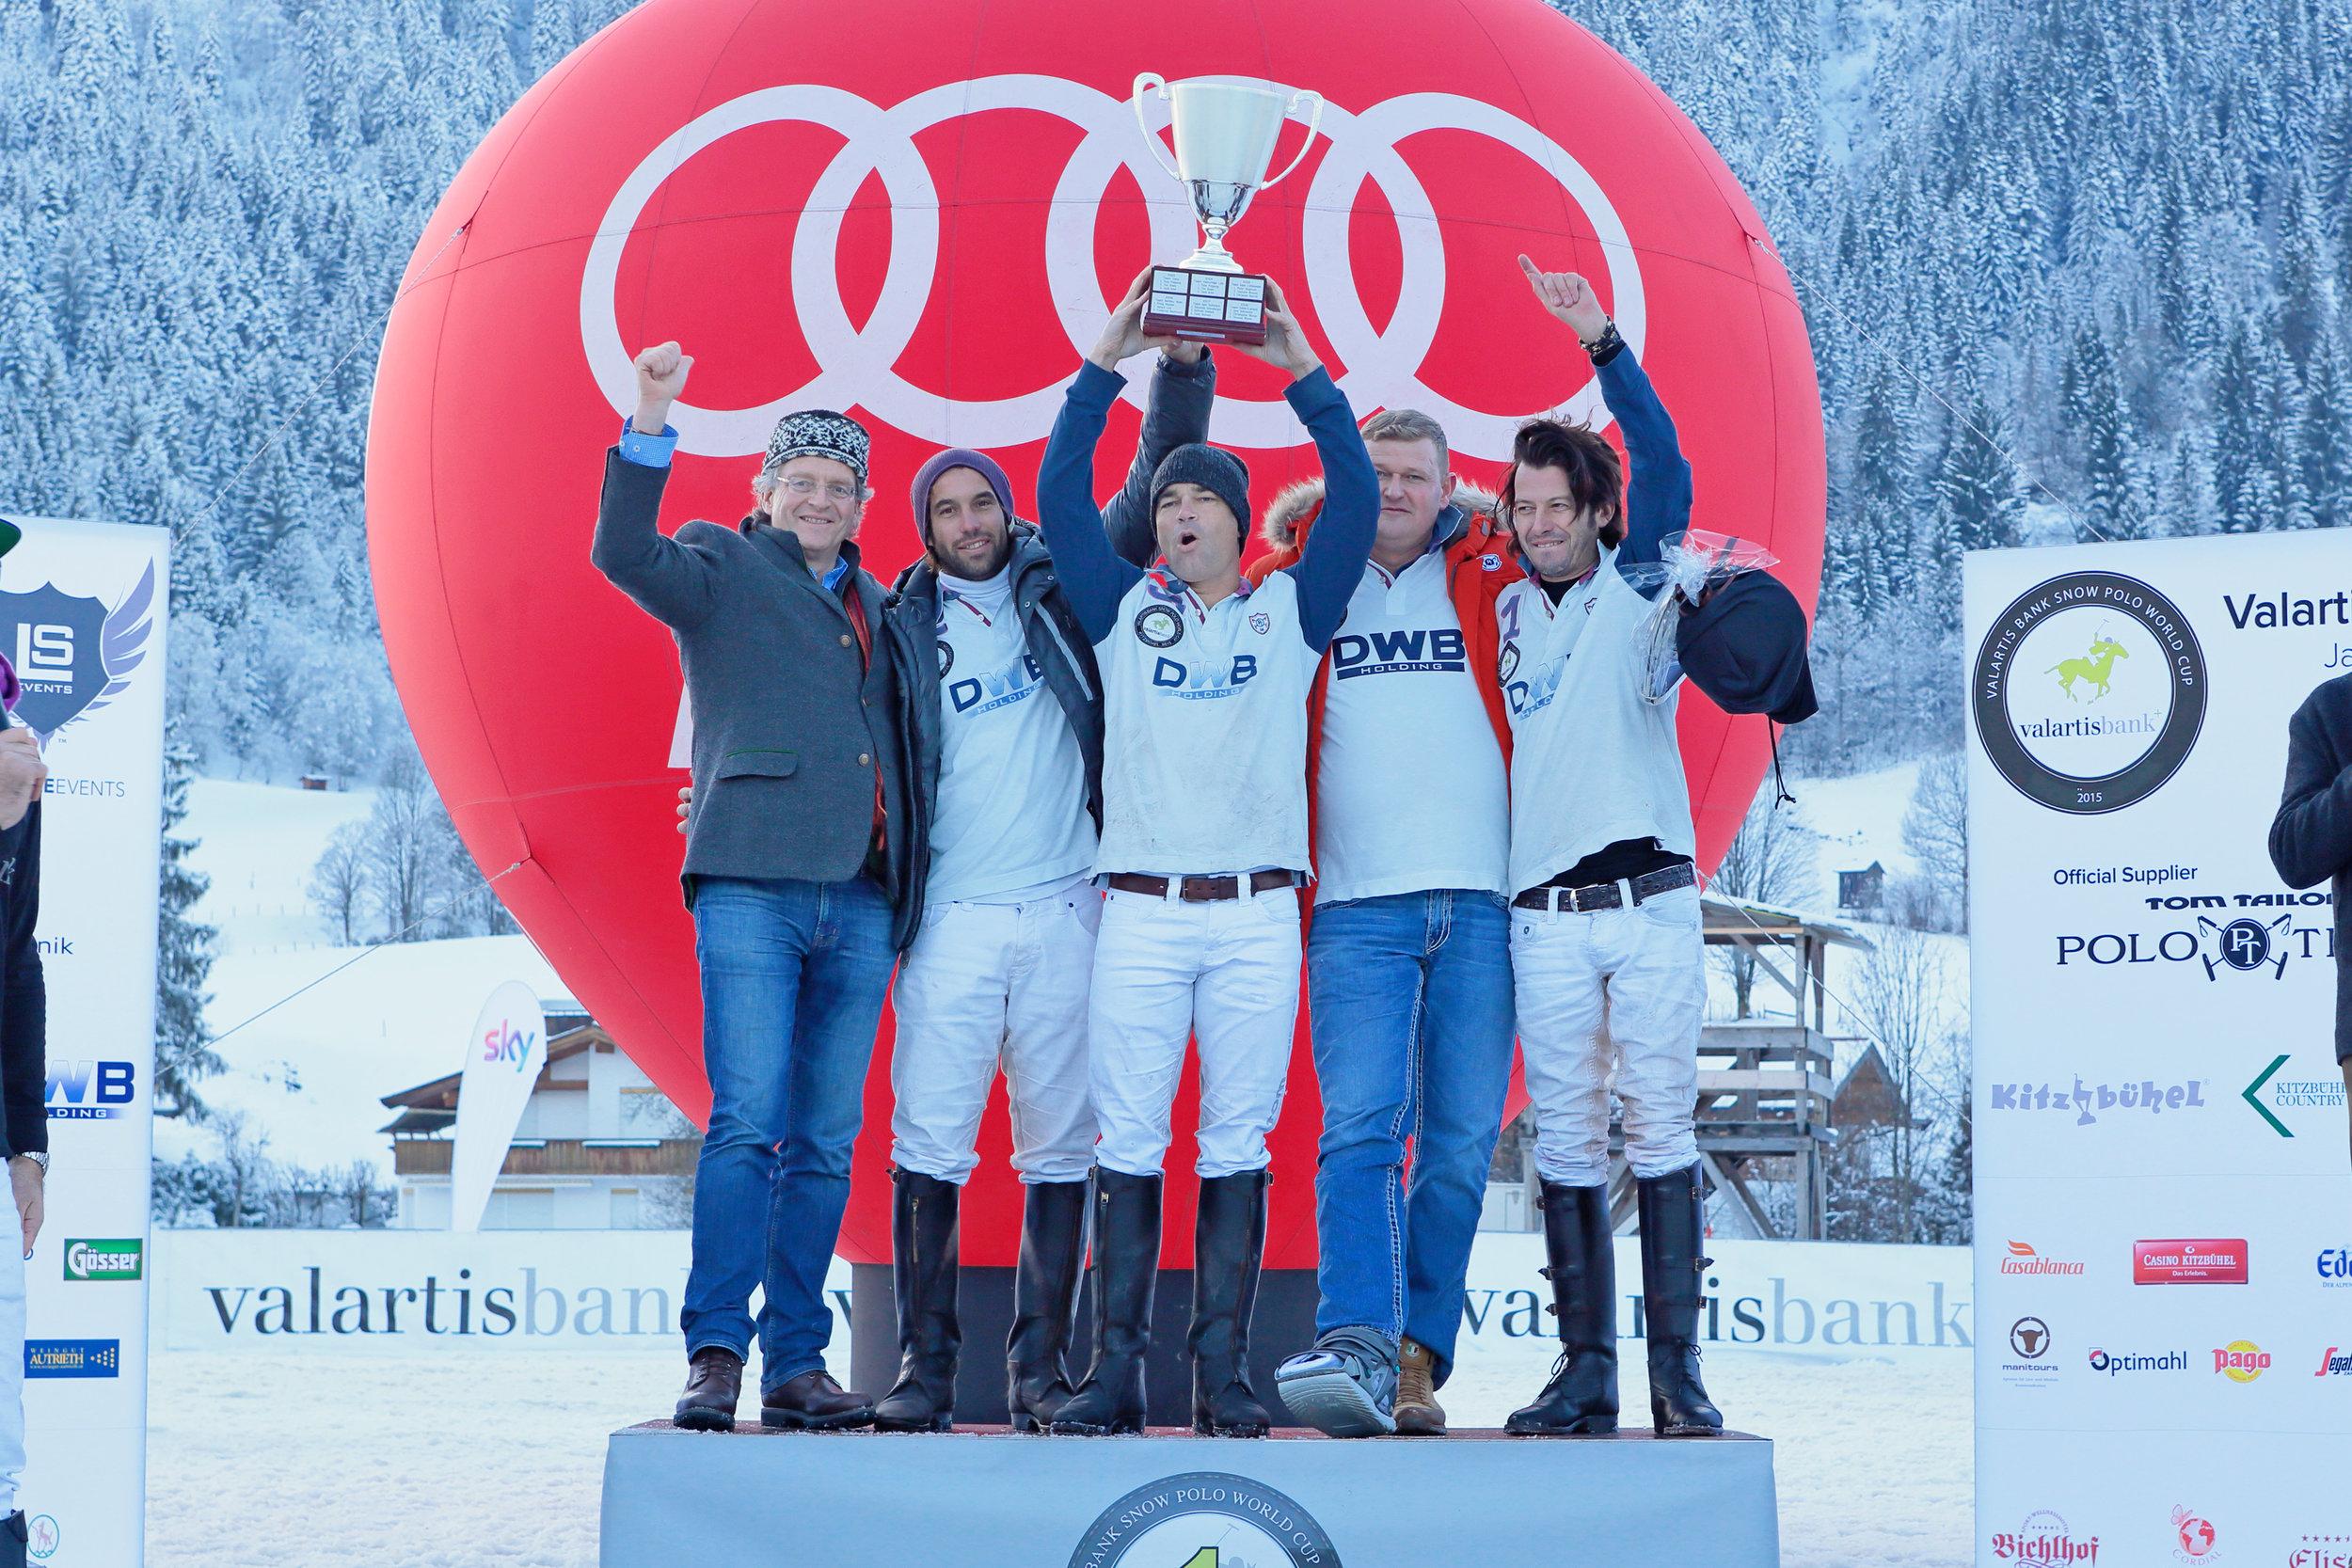 2015 Team DWB Holding  - Valentine Novillo Astrada (ARG), Philipp de Groot (NED), Sebastian Schneberger (ARG)